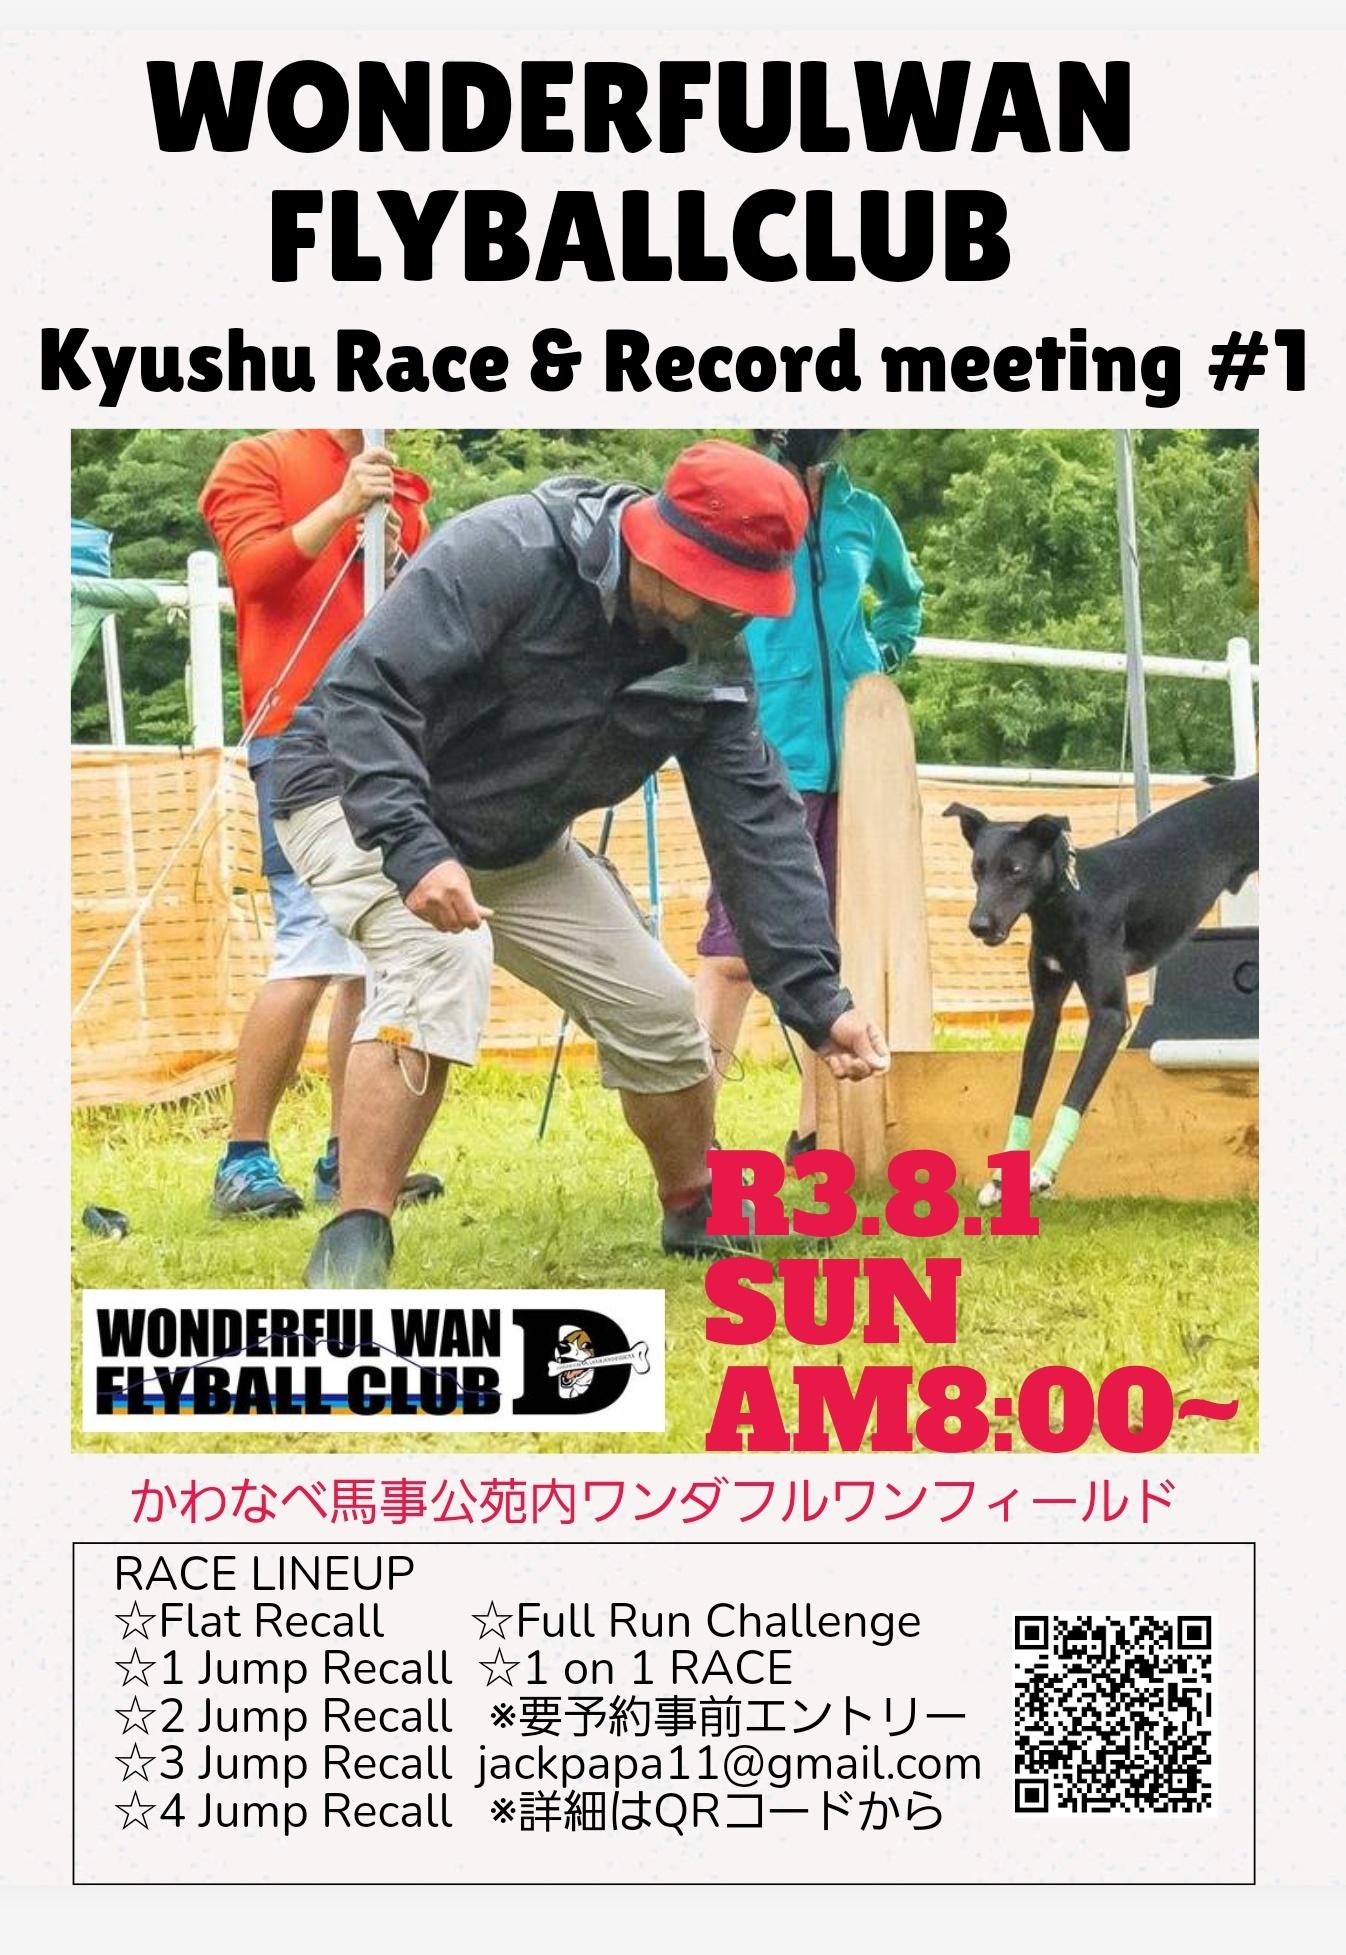 Kyushu Race & Record meeting #1